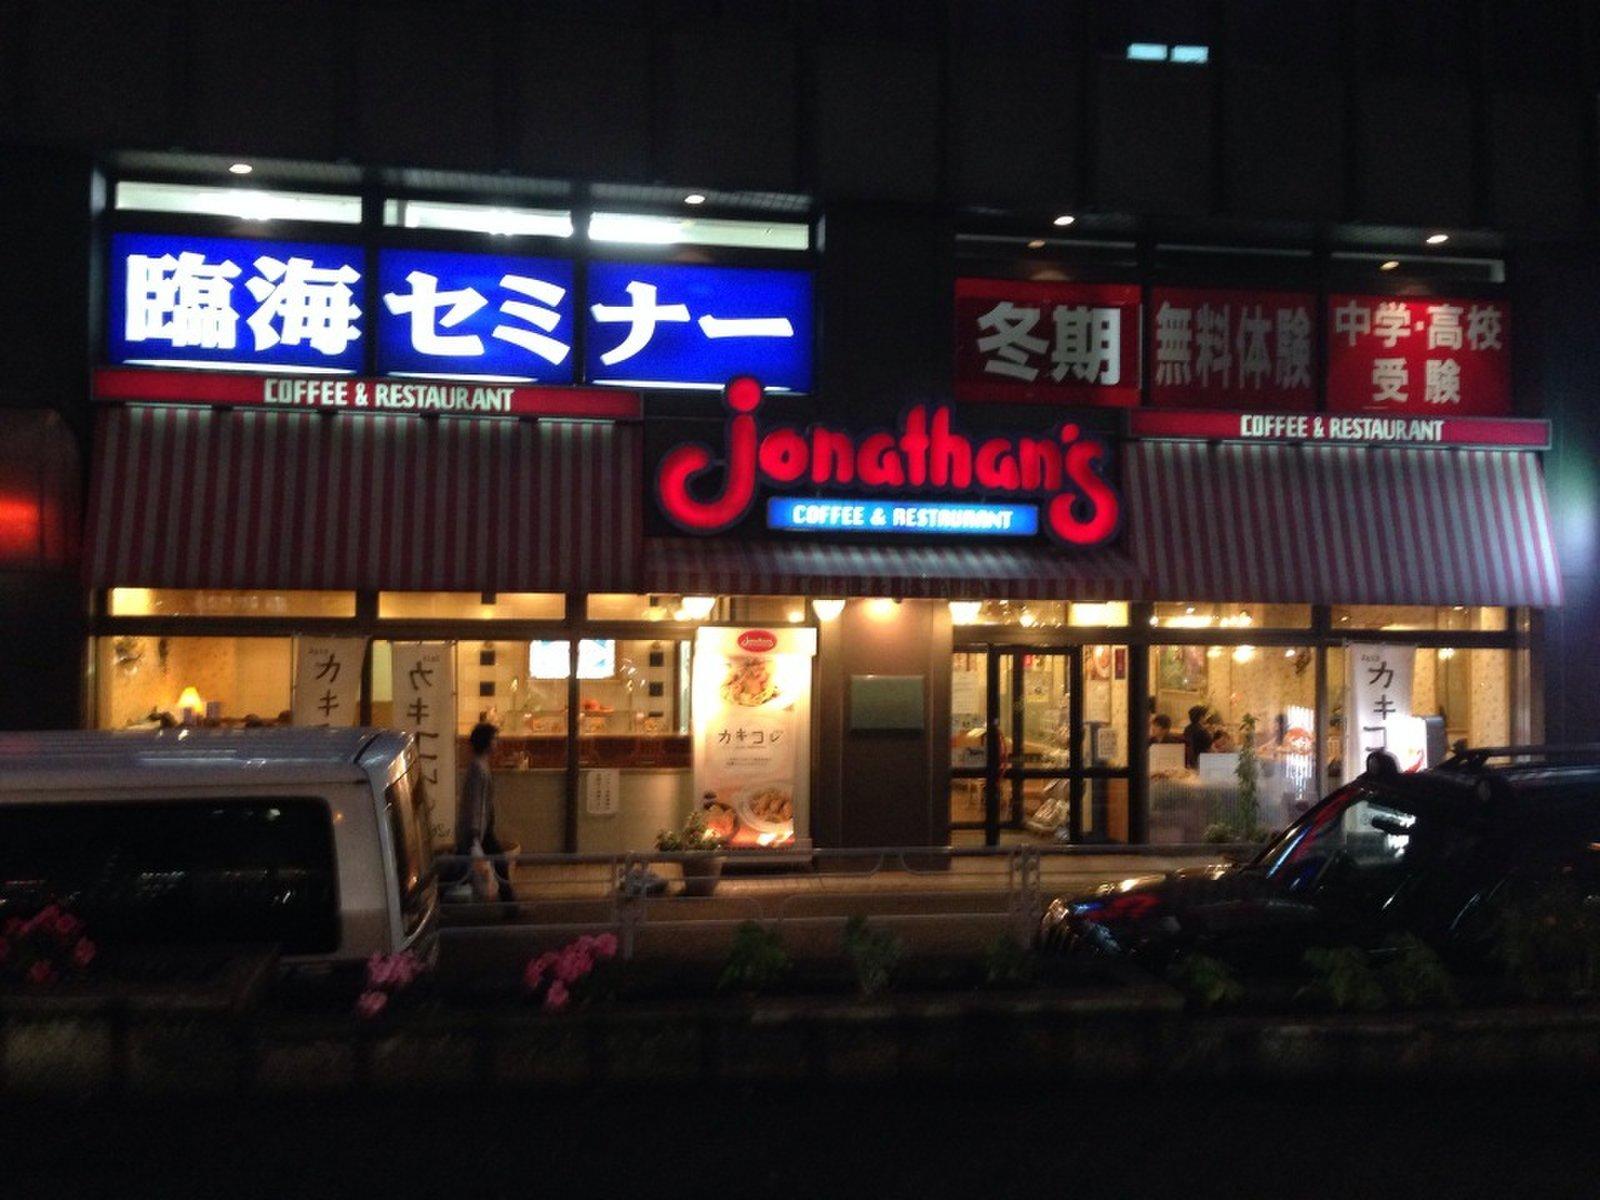 ジョナサン 横浜鶴屋町店